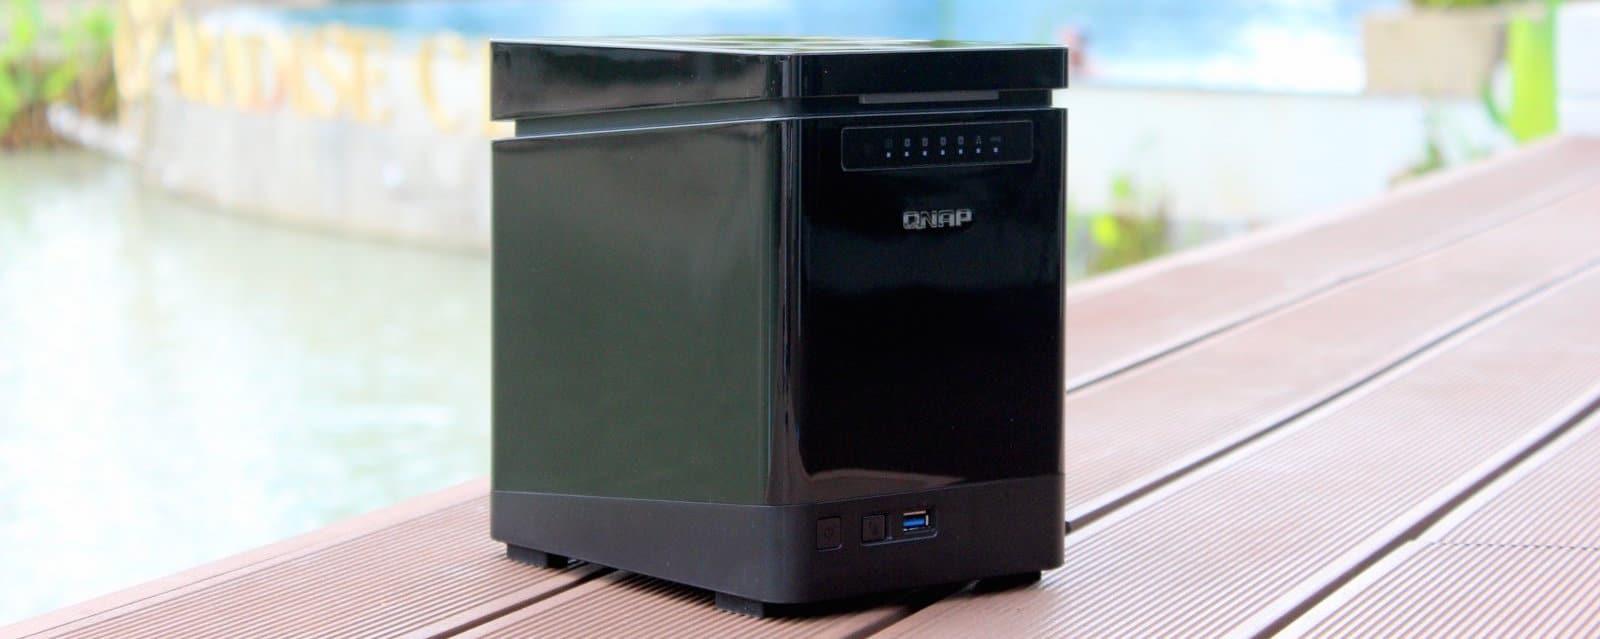 รีวิว: QNAP TS-453mini คู่หูจัดเก็บข้อมูล จิ๋วแต่แจ๋ว รองรับ